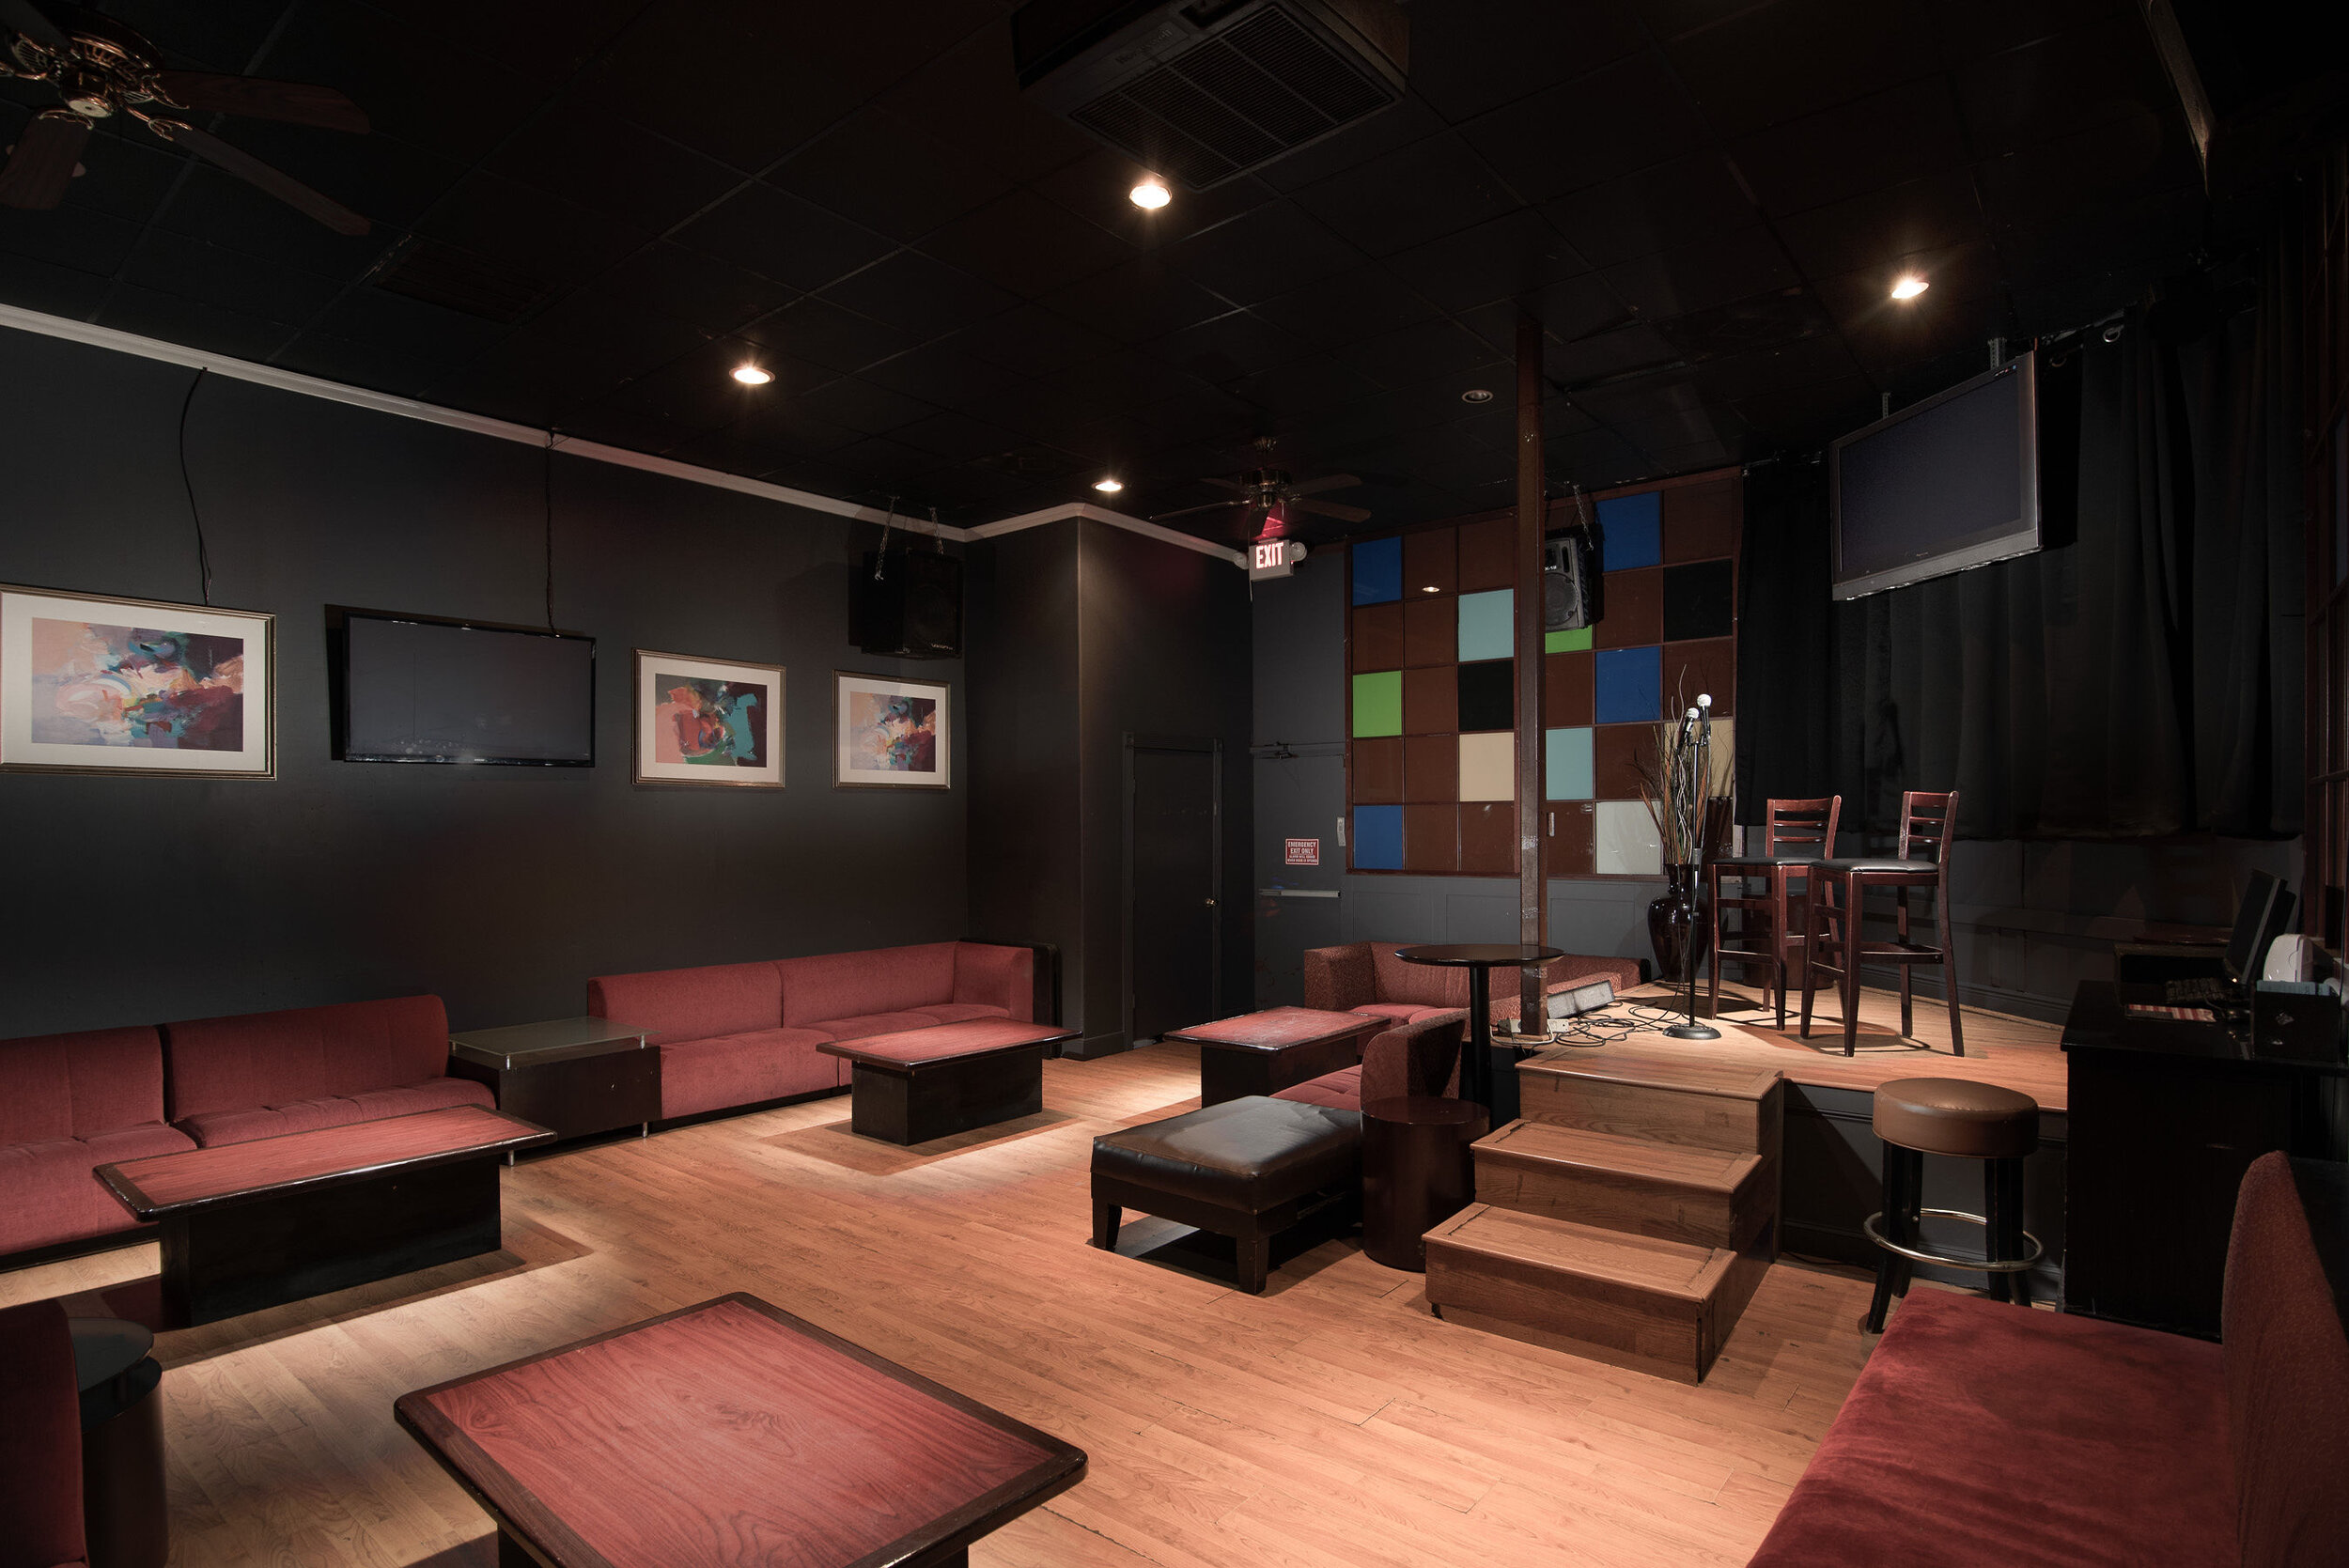 Galleria Room 5